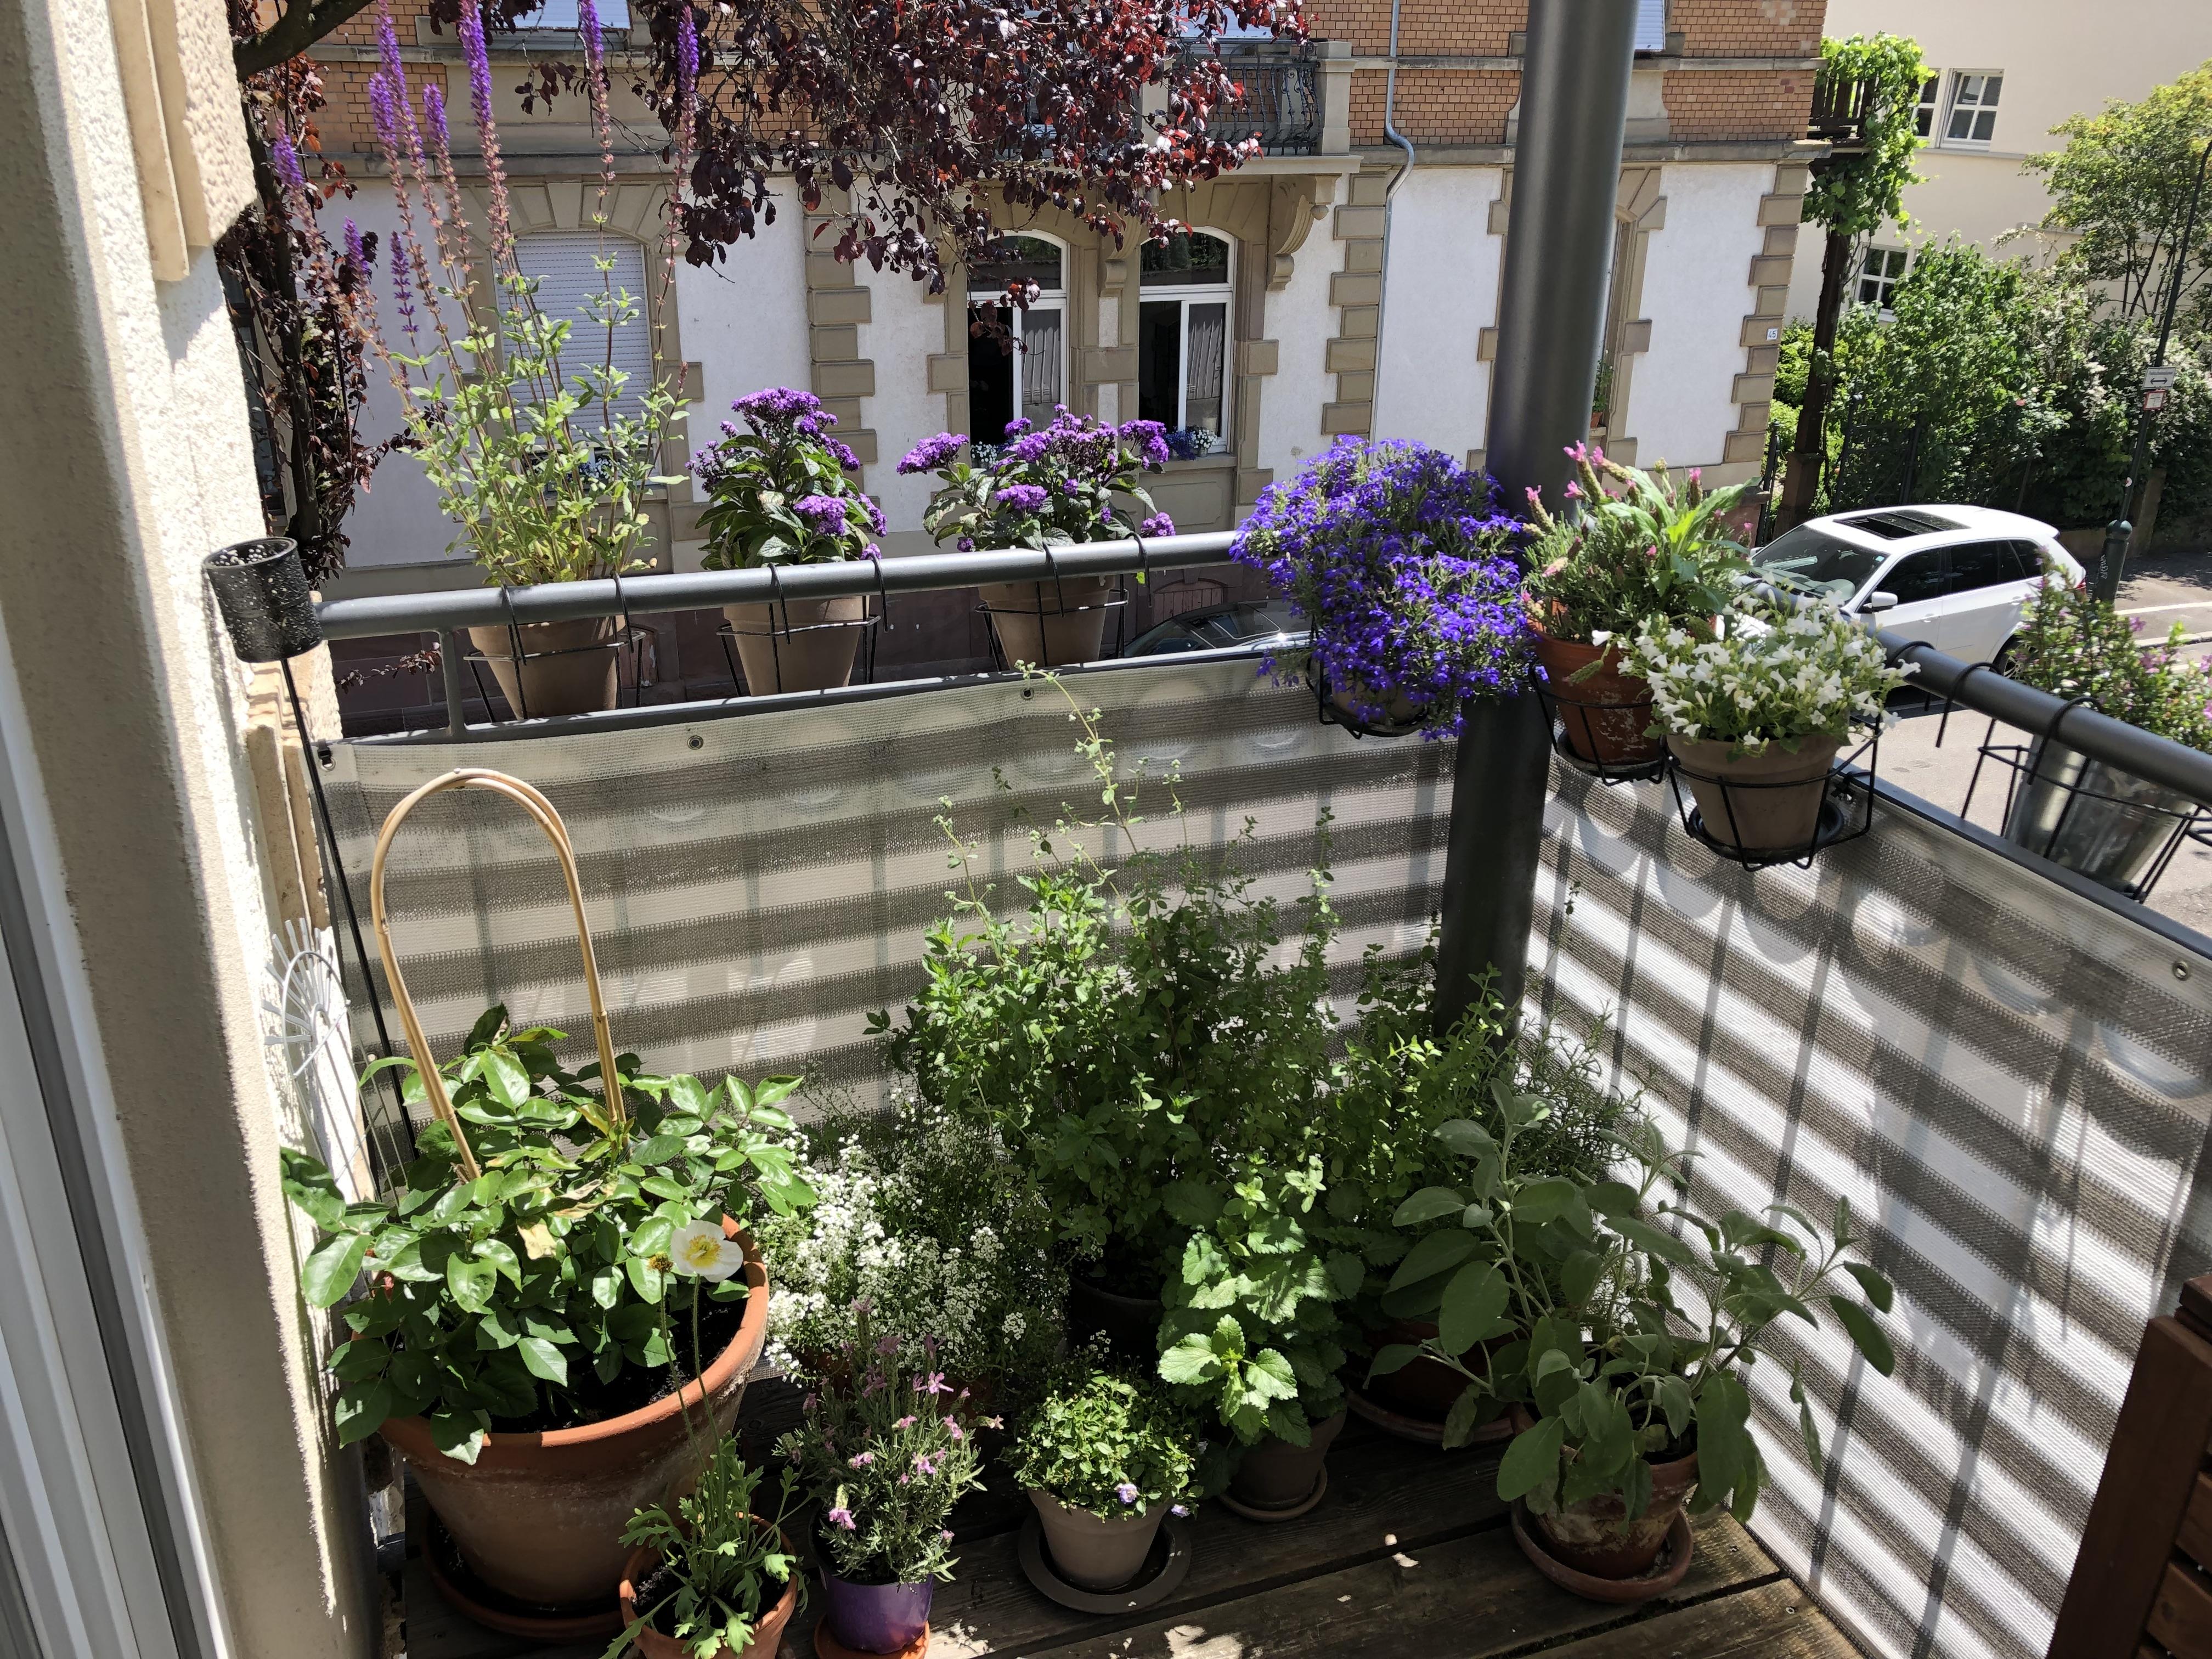 Der bienenfreundliche Balkon mit Balkonpflanzen für Bienen